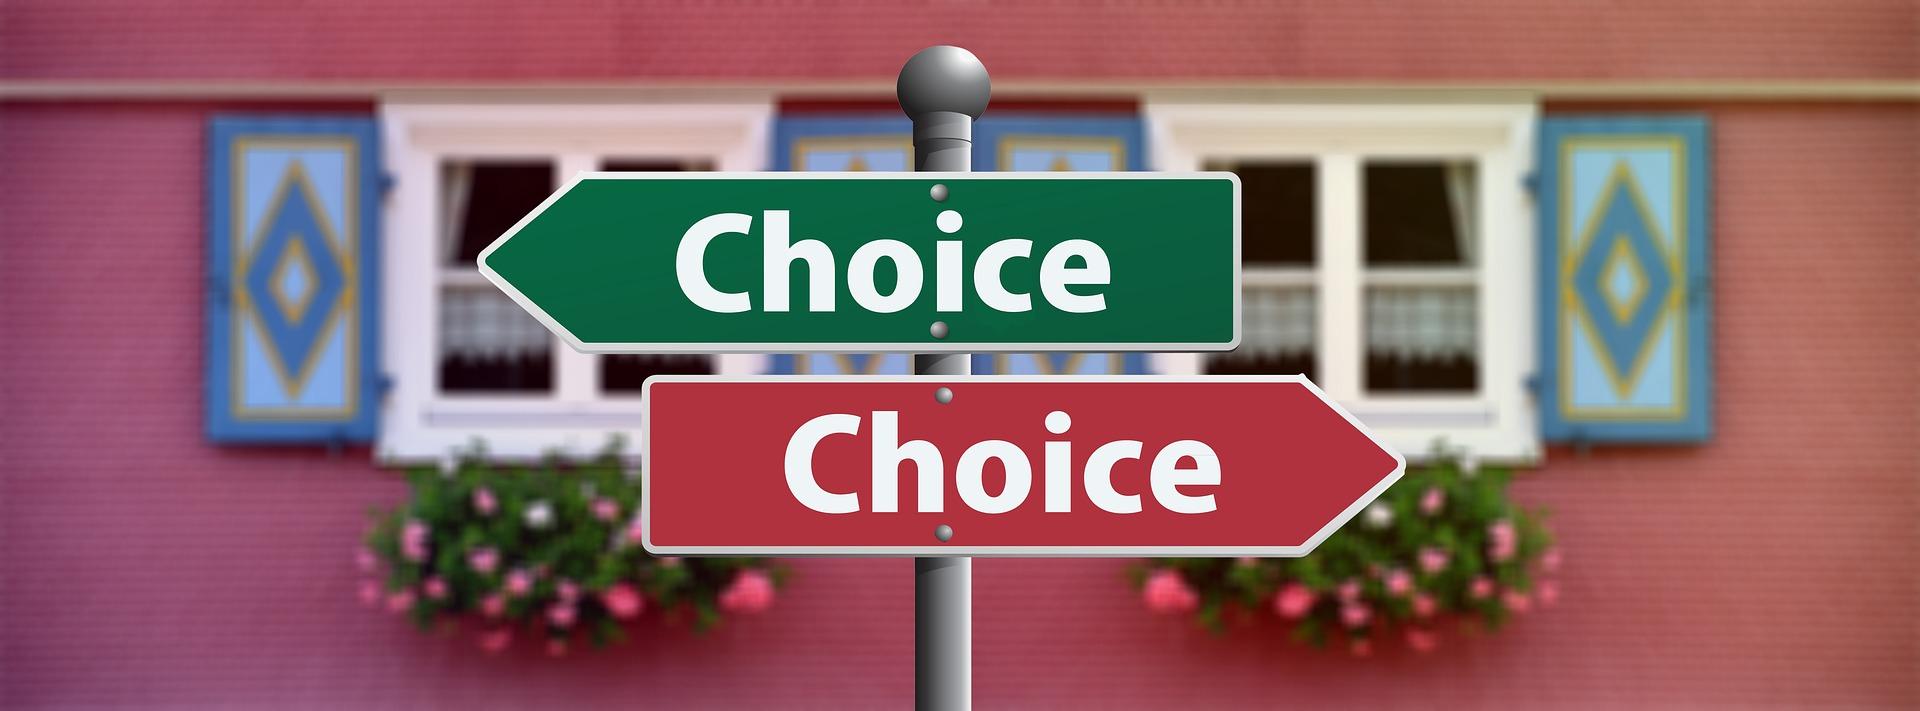 Ο επαγγελματικός προσανατολισμός μας βοηθάει να βρούμε το σωστό για εμάς επάγγελμα!